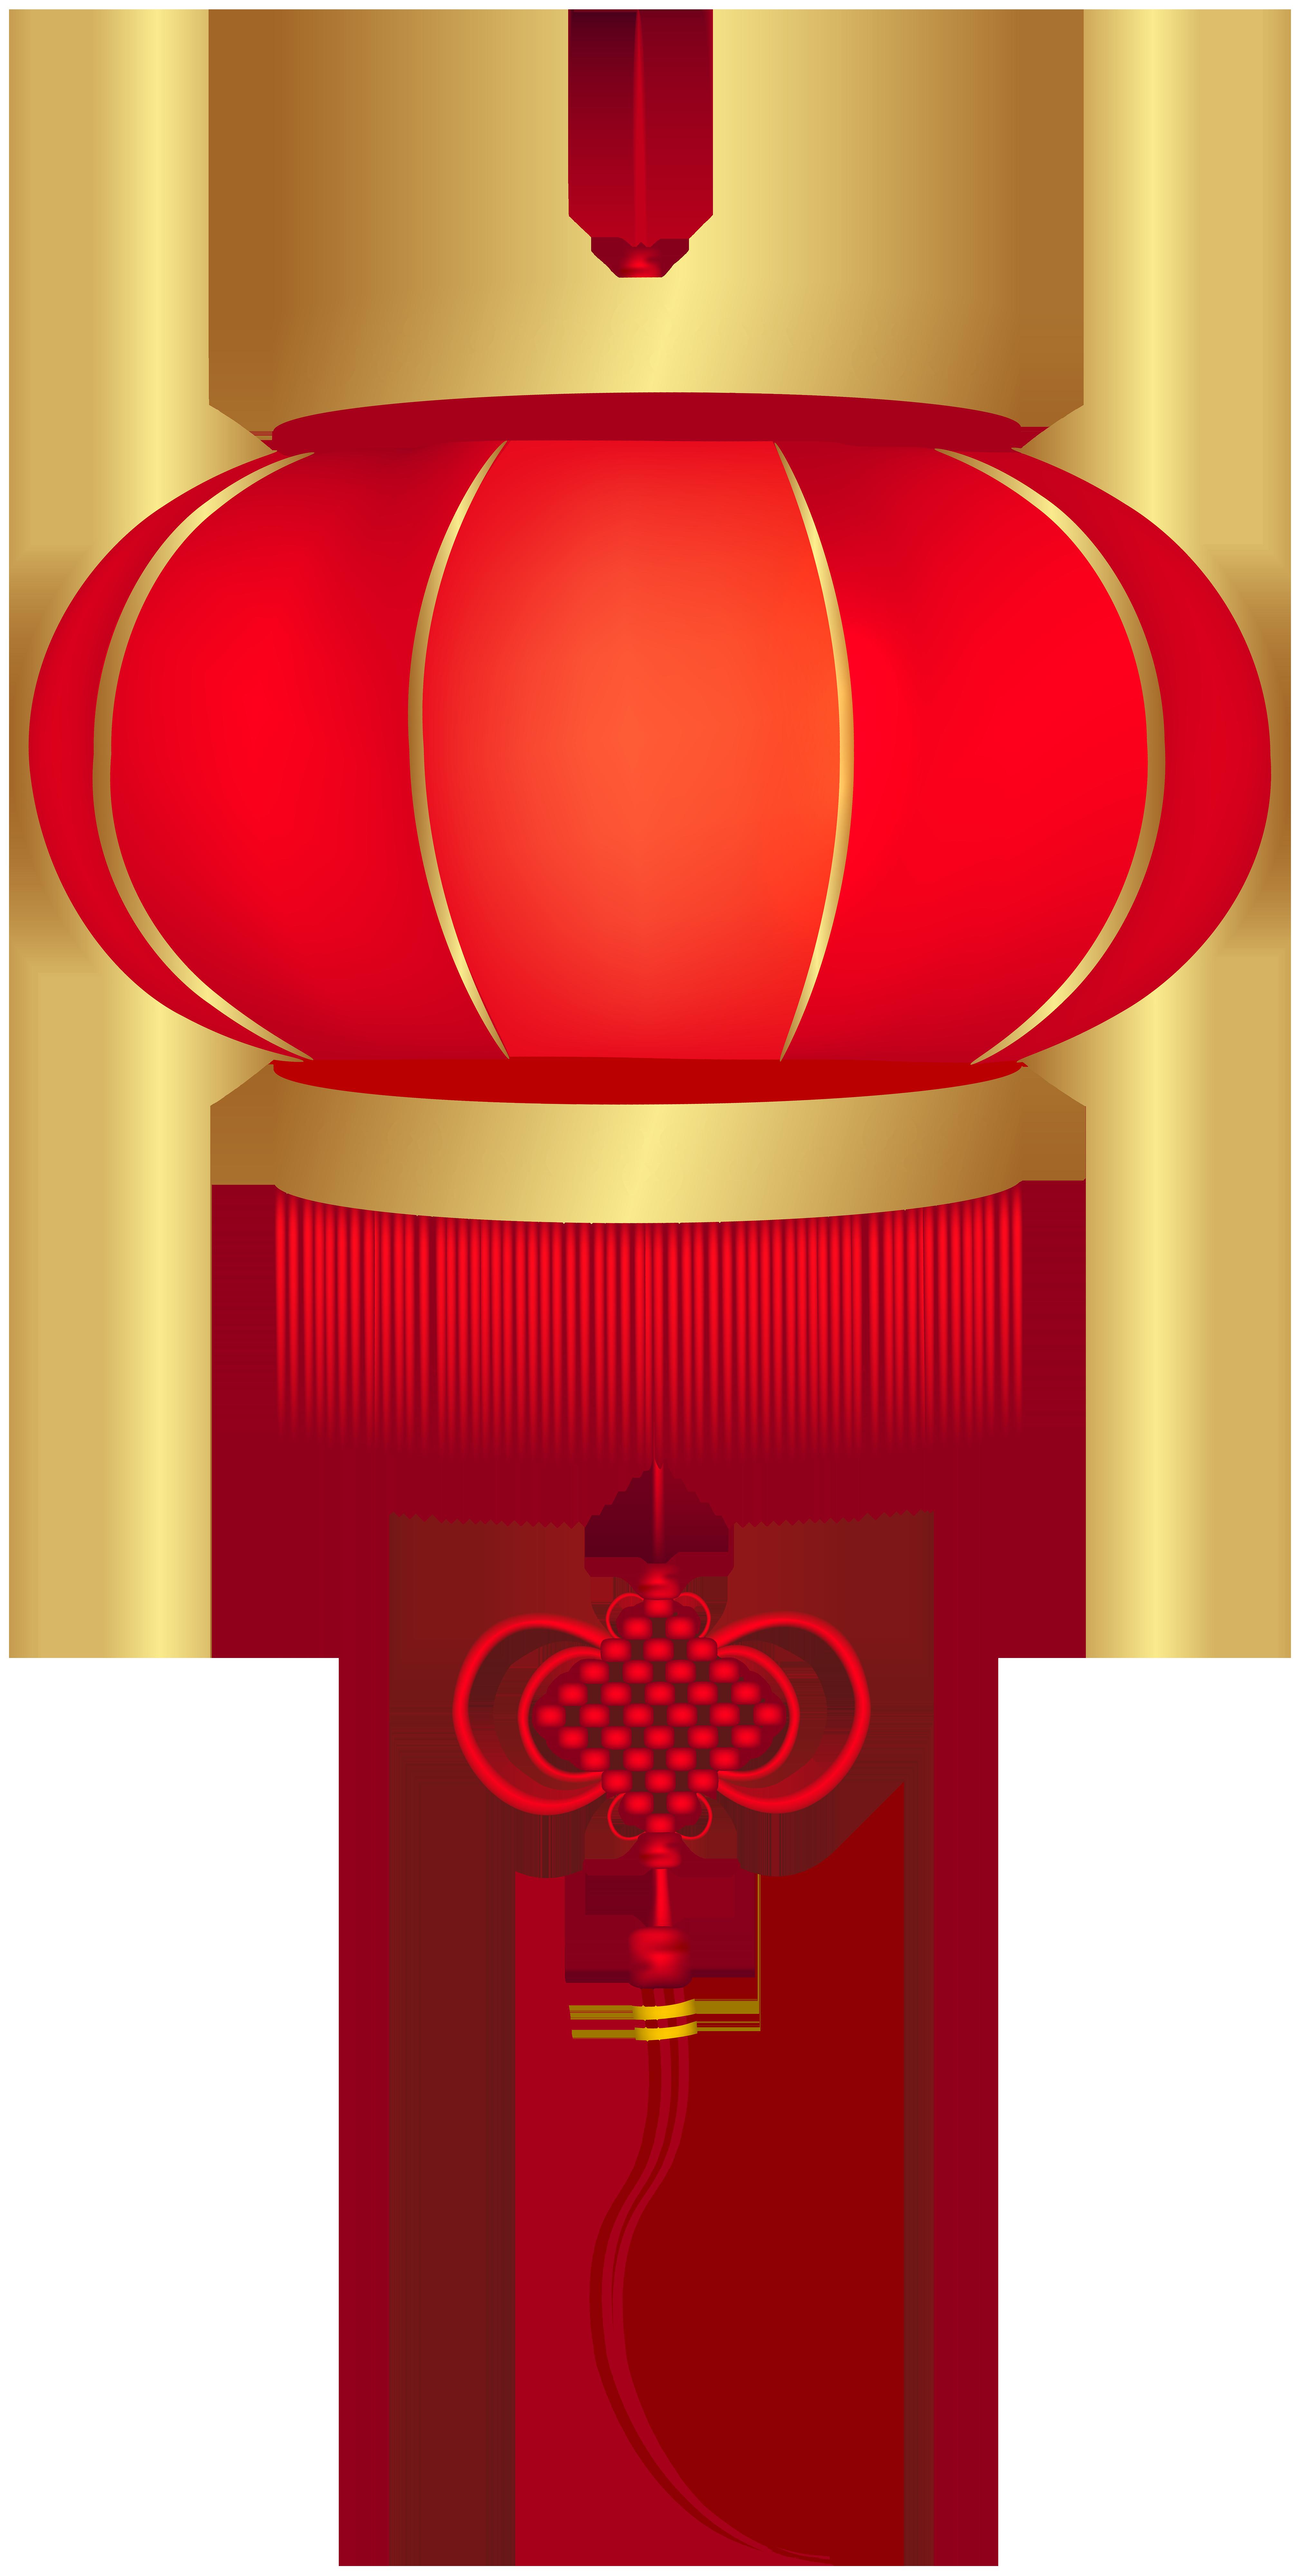 Chinese Png ตรุษจีน, วอลเปเปอร์, ความคิด